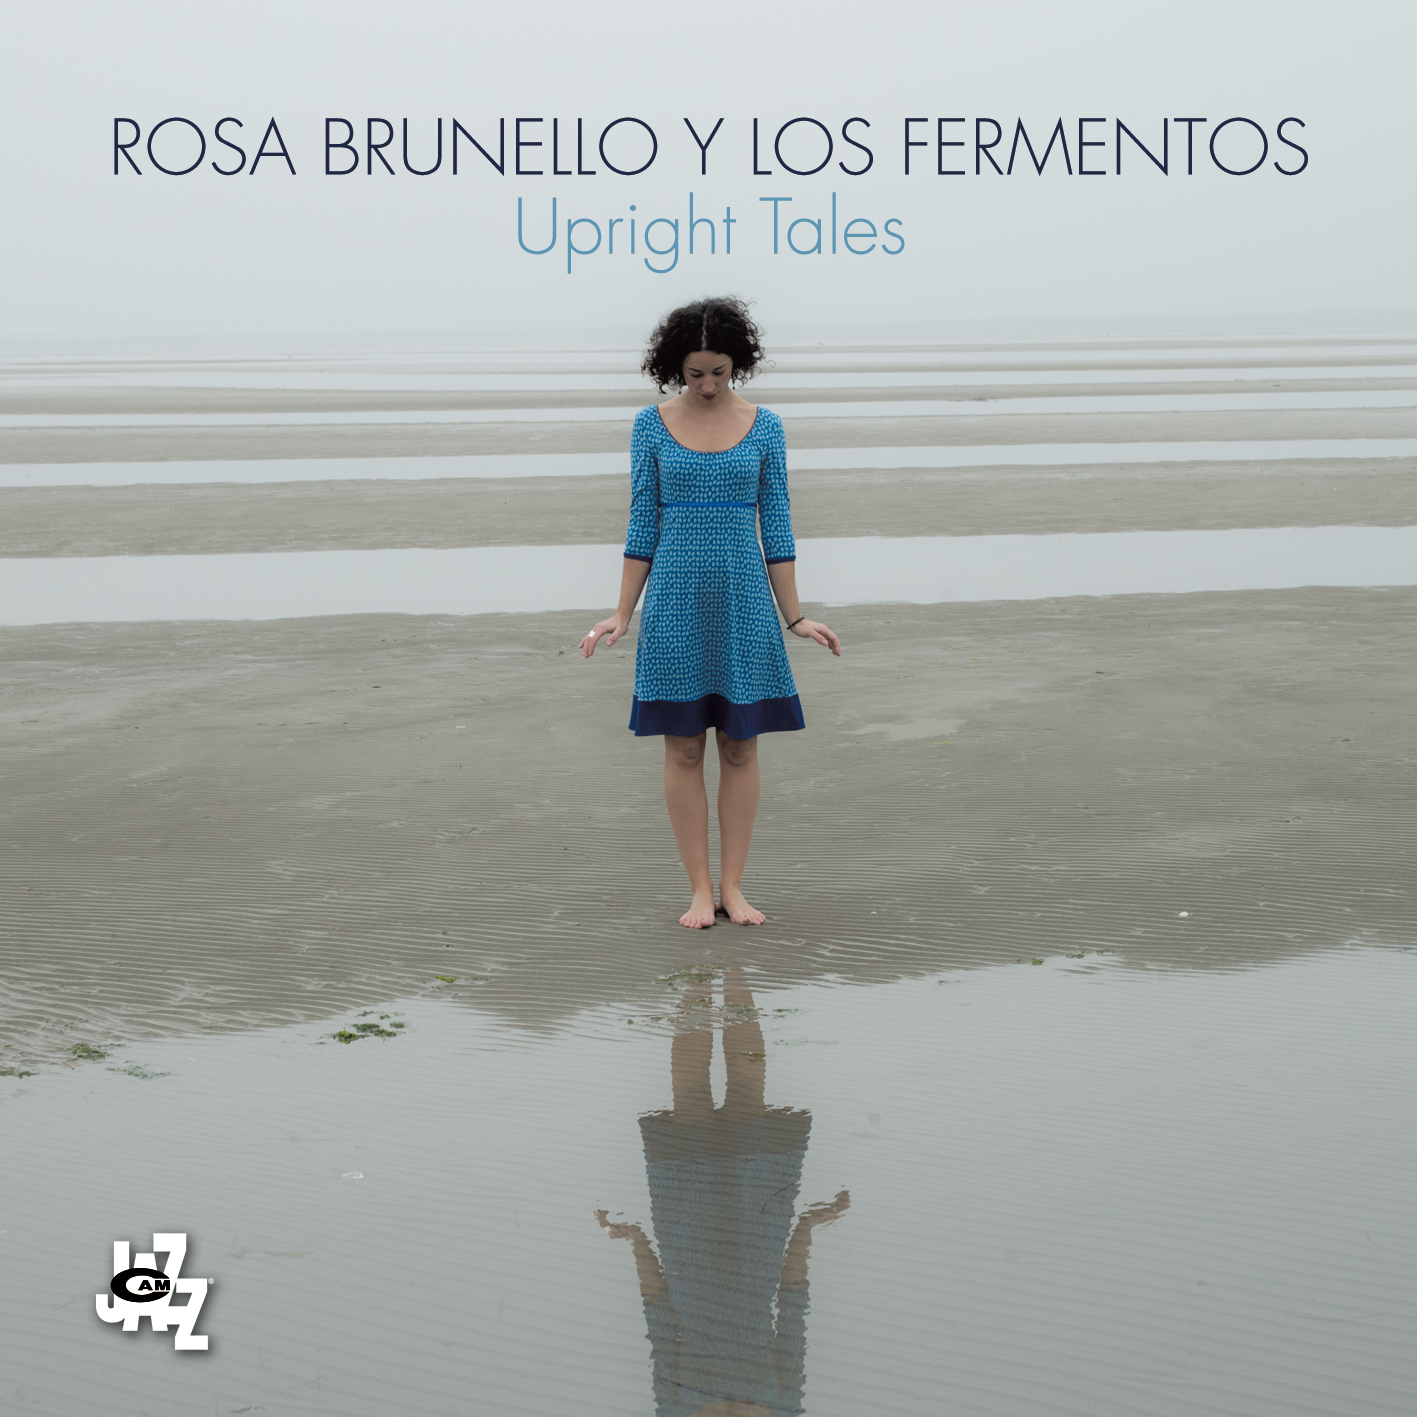 Rosa Brunello y Los Fermentos</br>Upright Tales</br>Cam Jazz, 2016